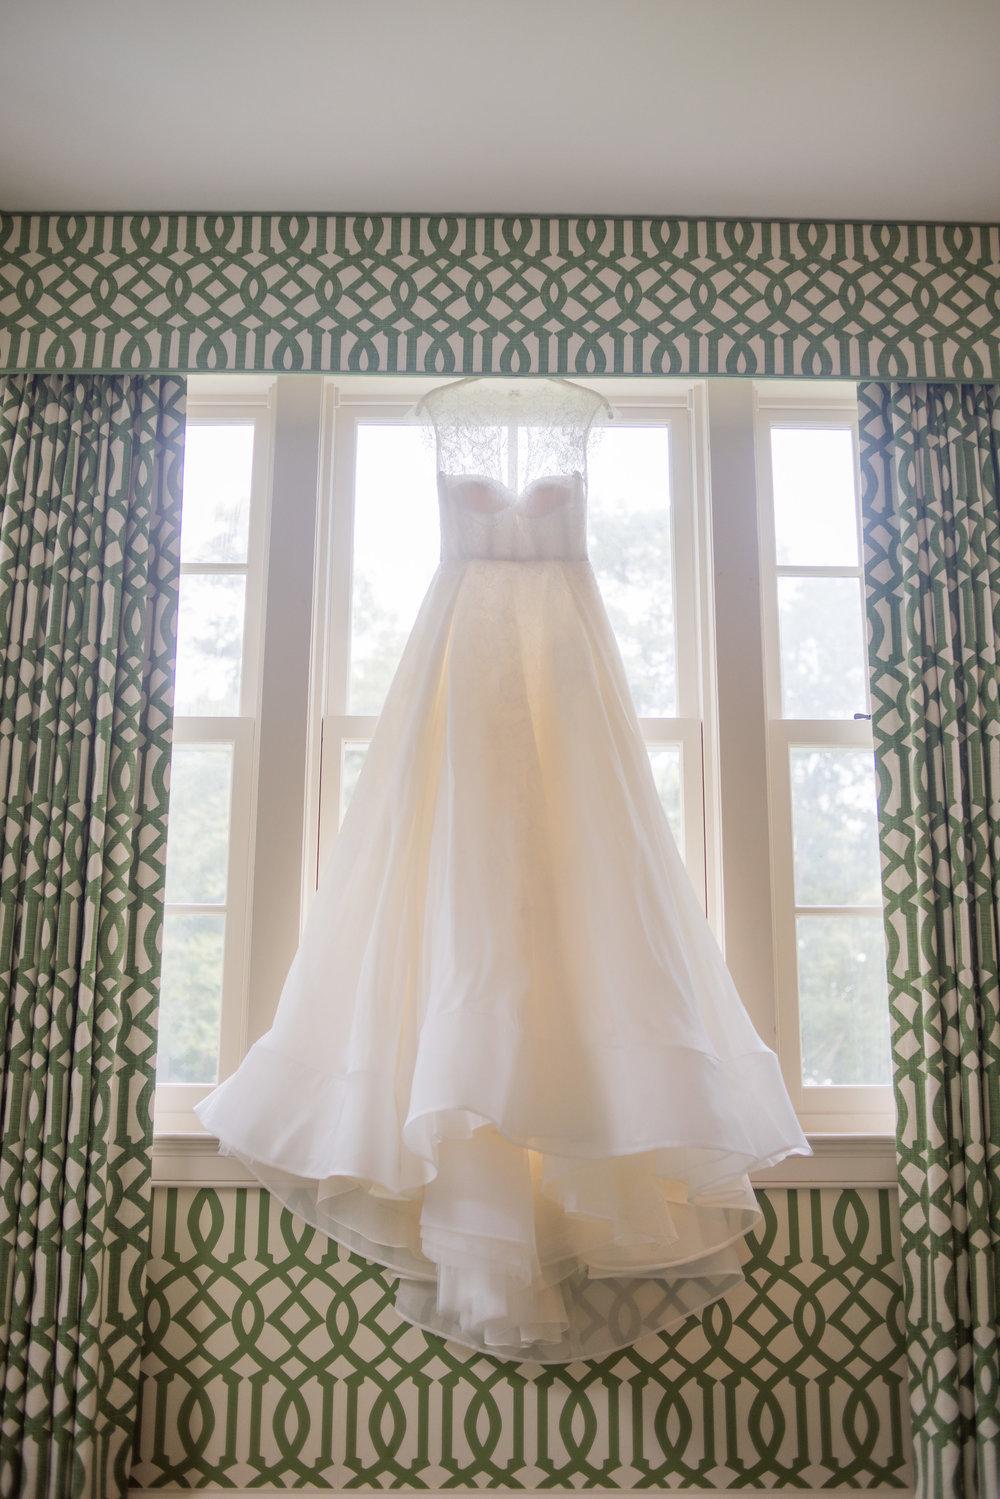 North Carolina Wedding, Events by Reagan, Destination Wedding Planner, Wedding dress